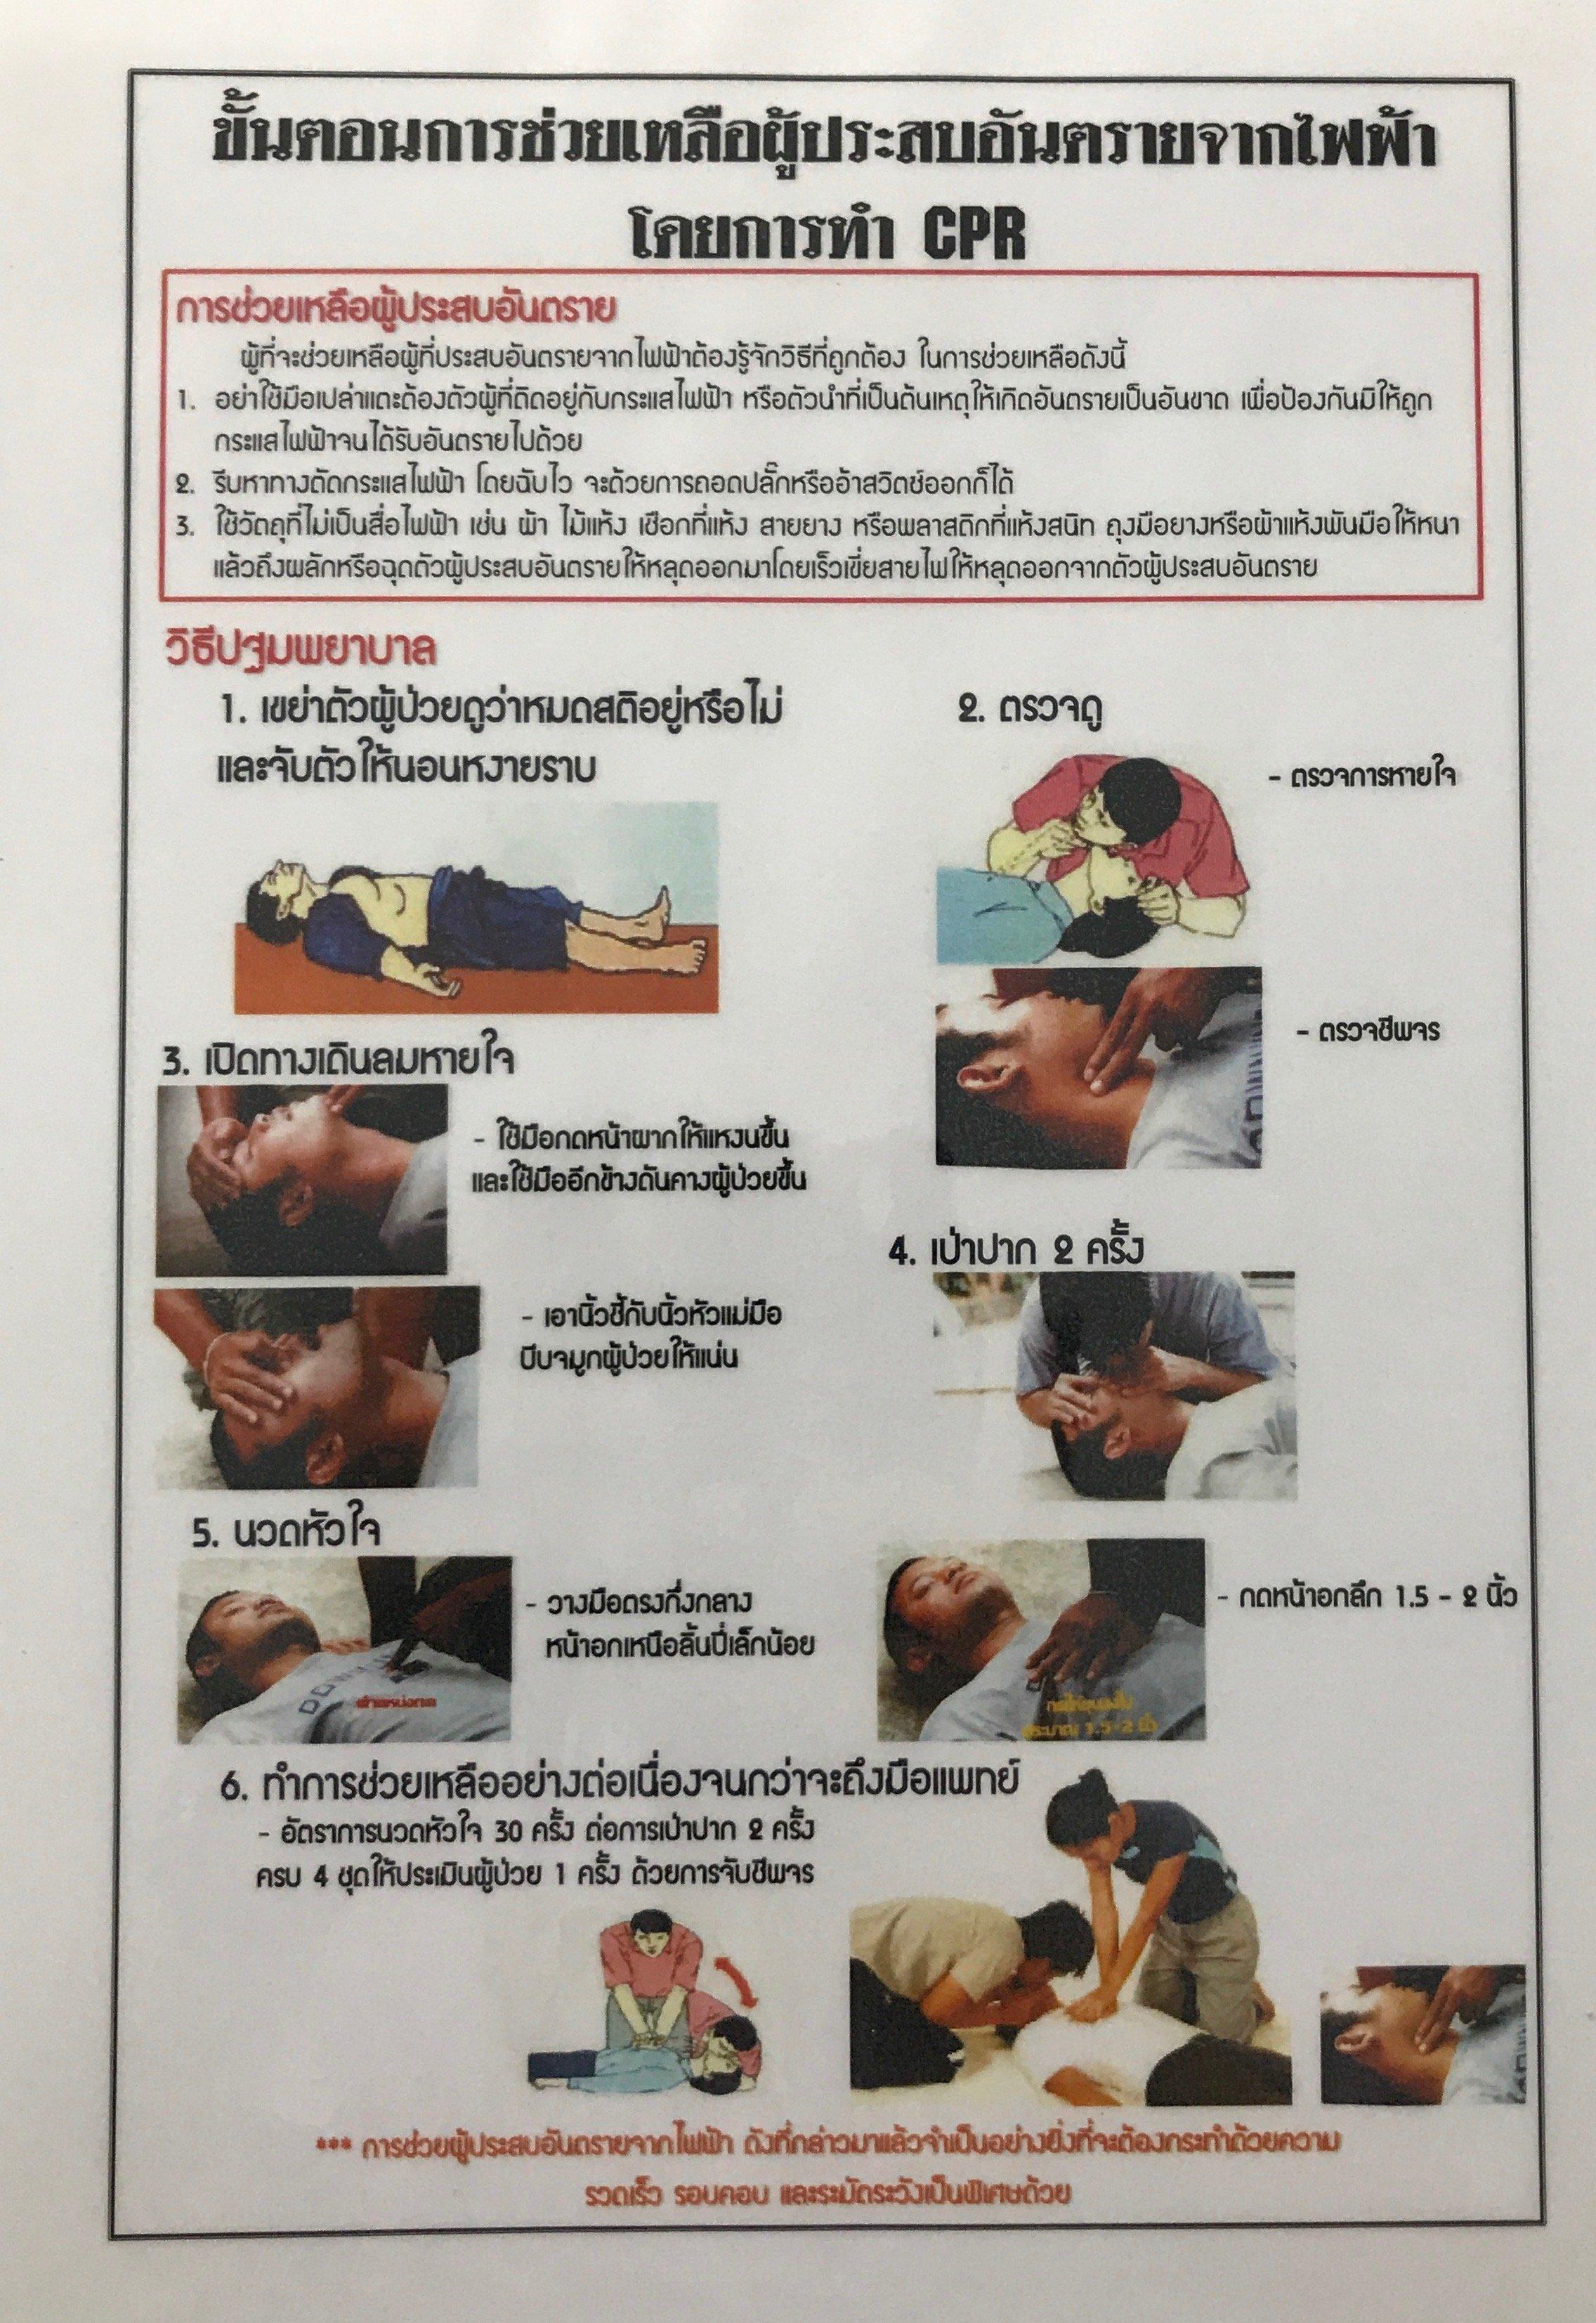 Safety_CPR.jpg